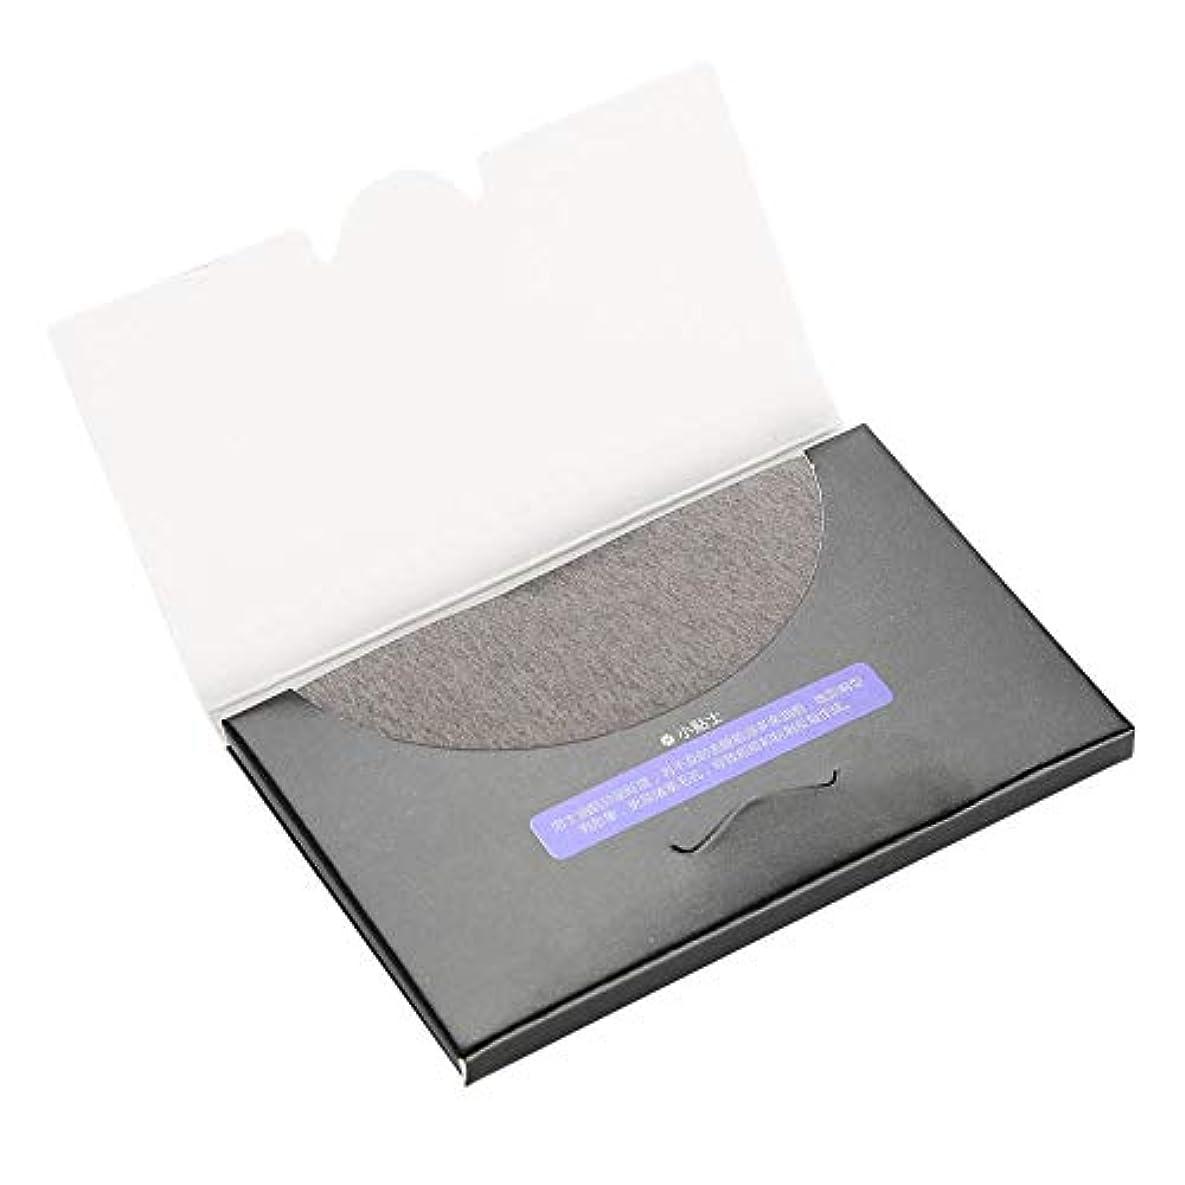 バンドルアサーまともな80枚/袋吸油布 - 化粧フィルムのクリーニング、吸い取り紙の消去 - きれいな吸い取り紙